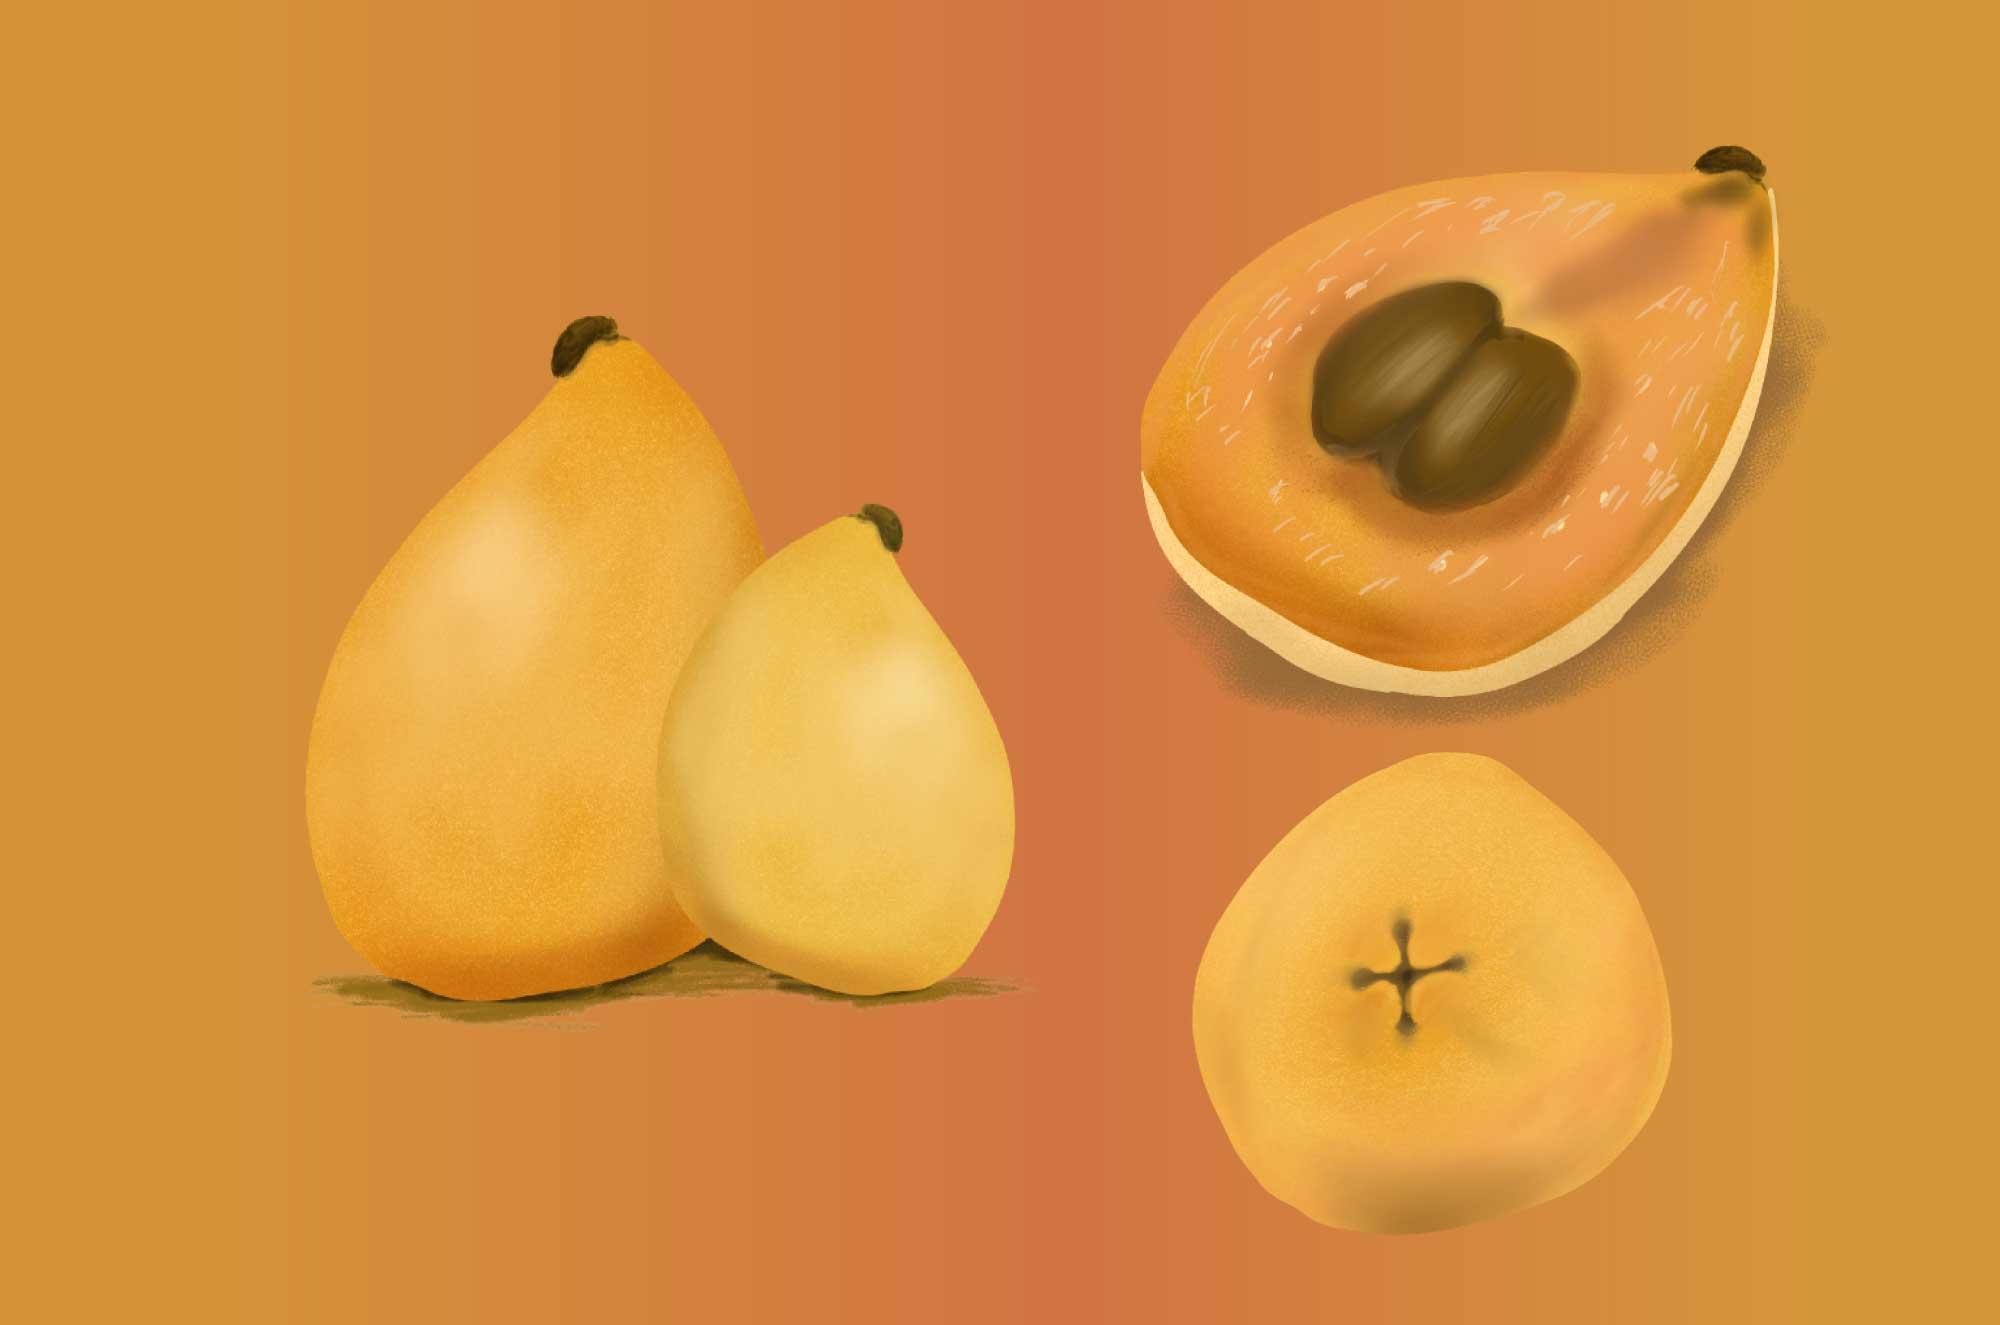 ビワの無料イラスト - 季節のフルーツフリー素材